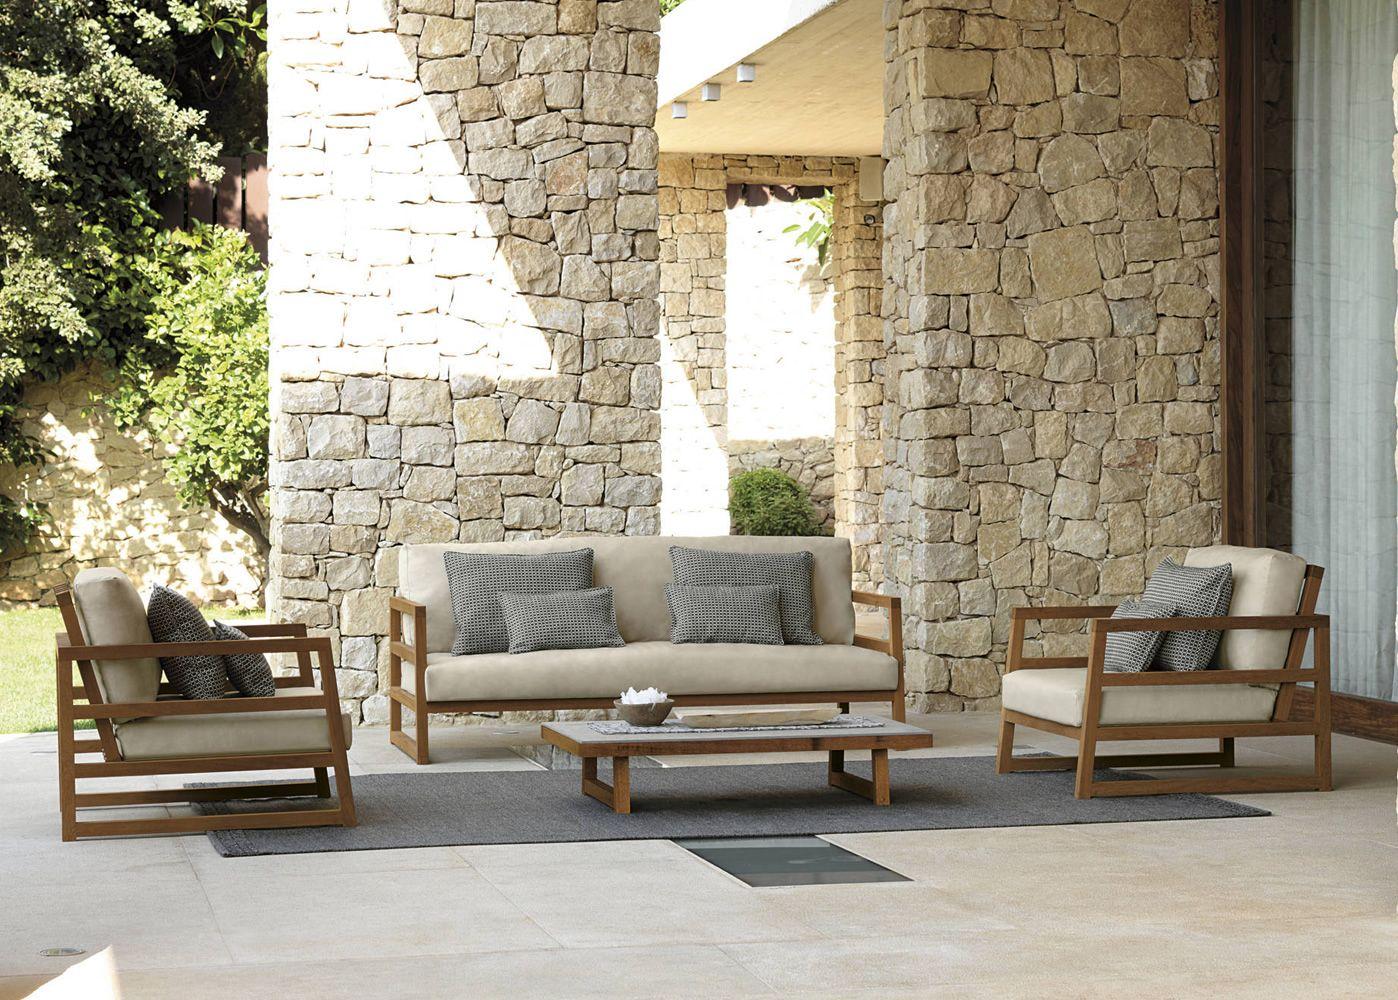 Alabama set set design da giardino: divano 2 poltrone e un